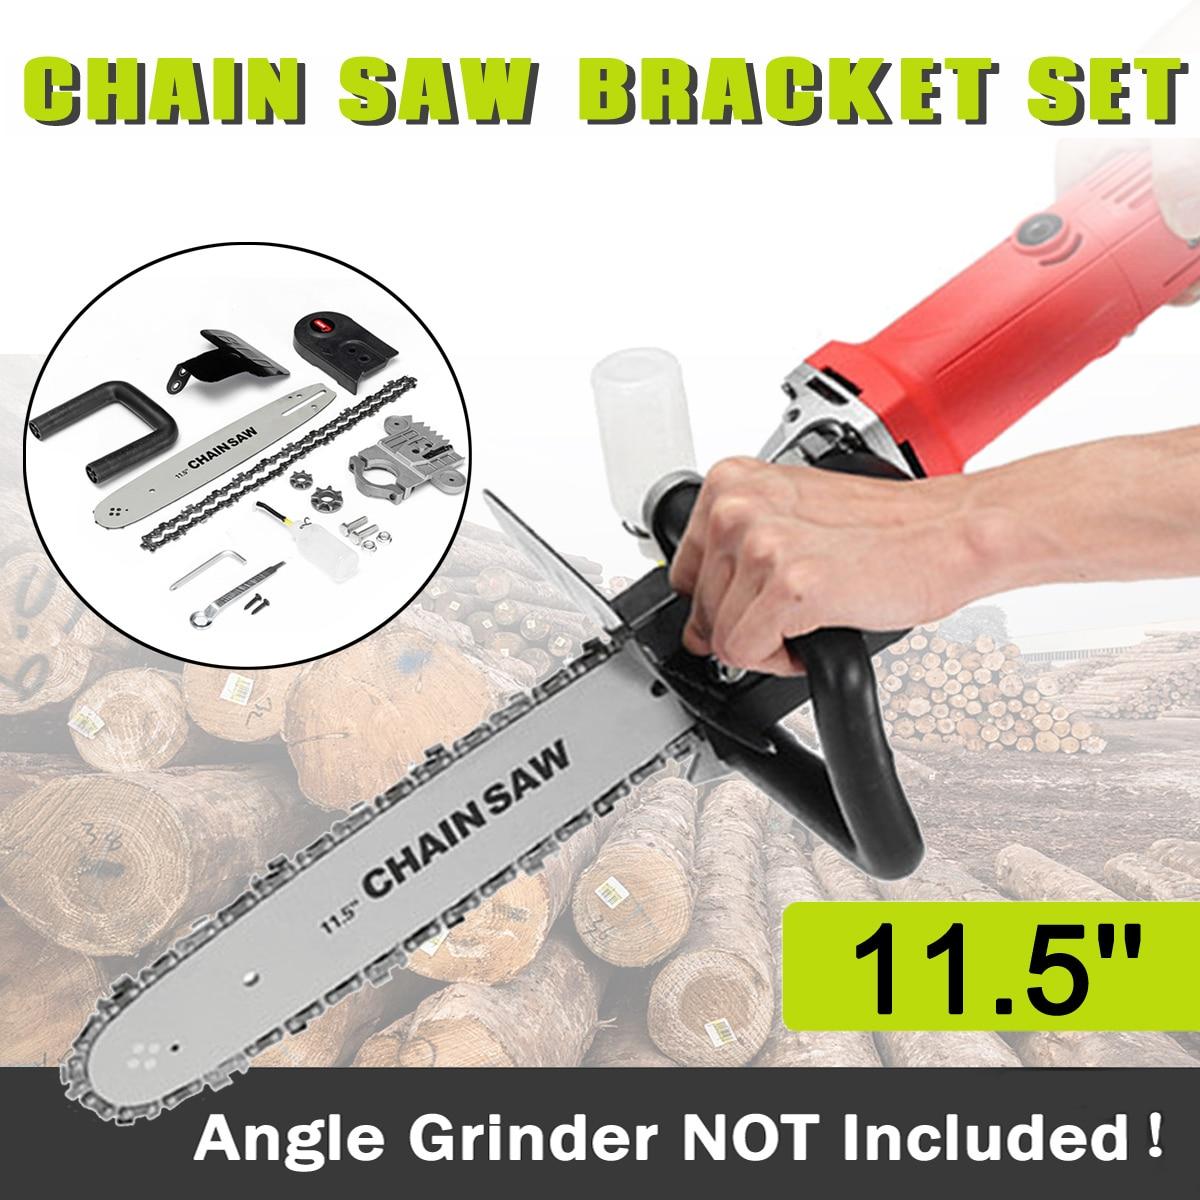 Drillpro actualización 11,5 pulgadas motosierra soporte cambiar 100 125 150 amoladora angular M10/M16 en cadena vio herramienta de carpintería